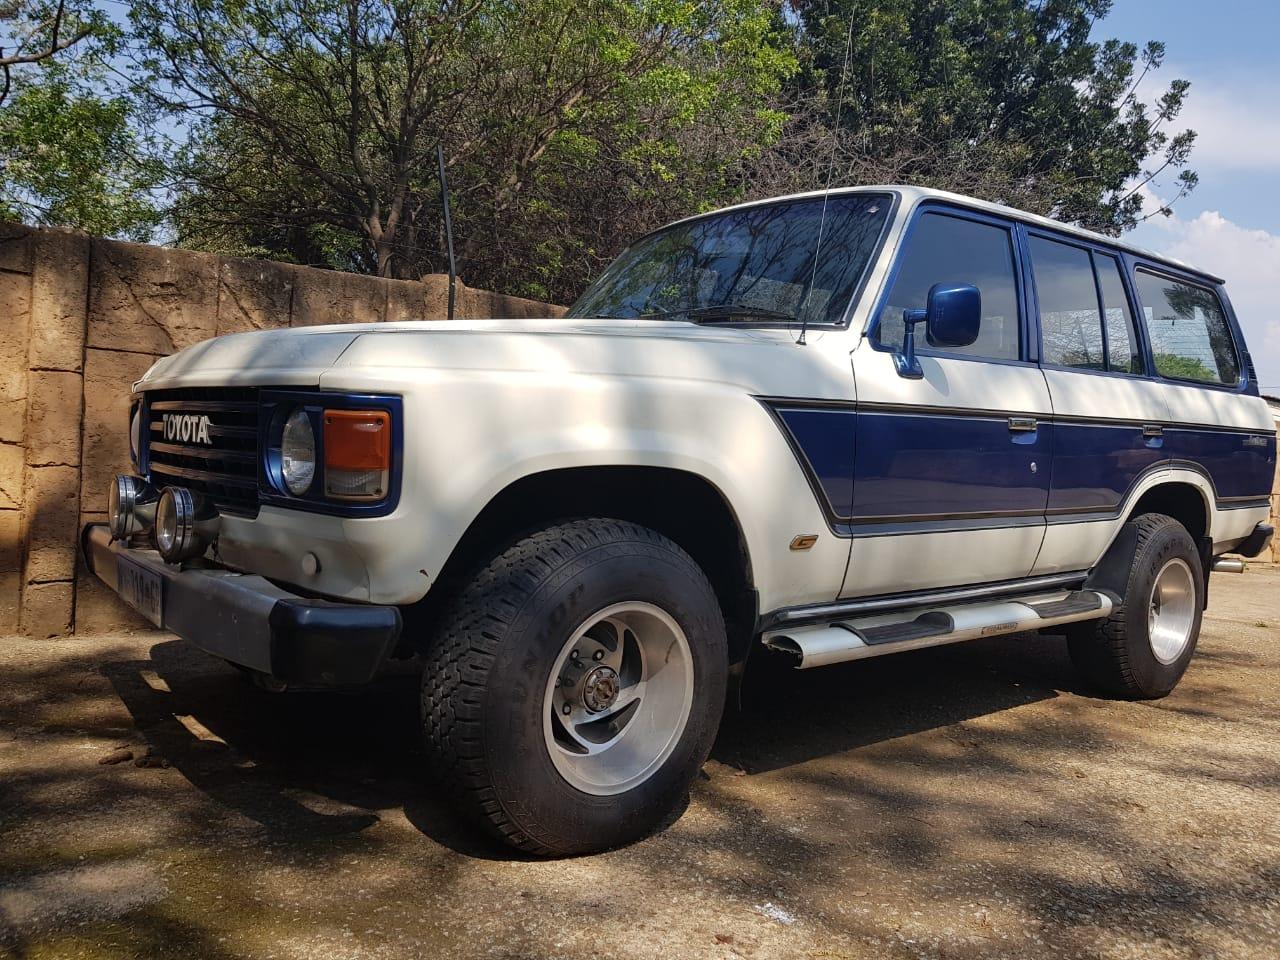 1985 Toyota Land Cruiser 76 Station Wagon LANDCRUISER 76 4.5D V8 S/W